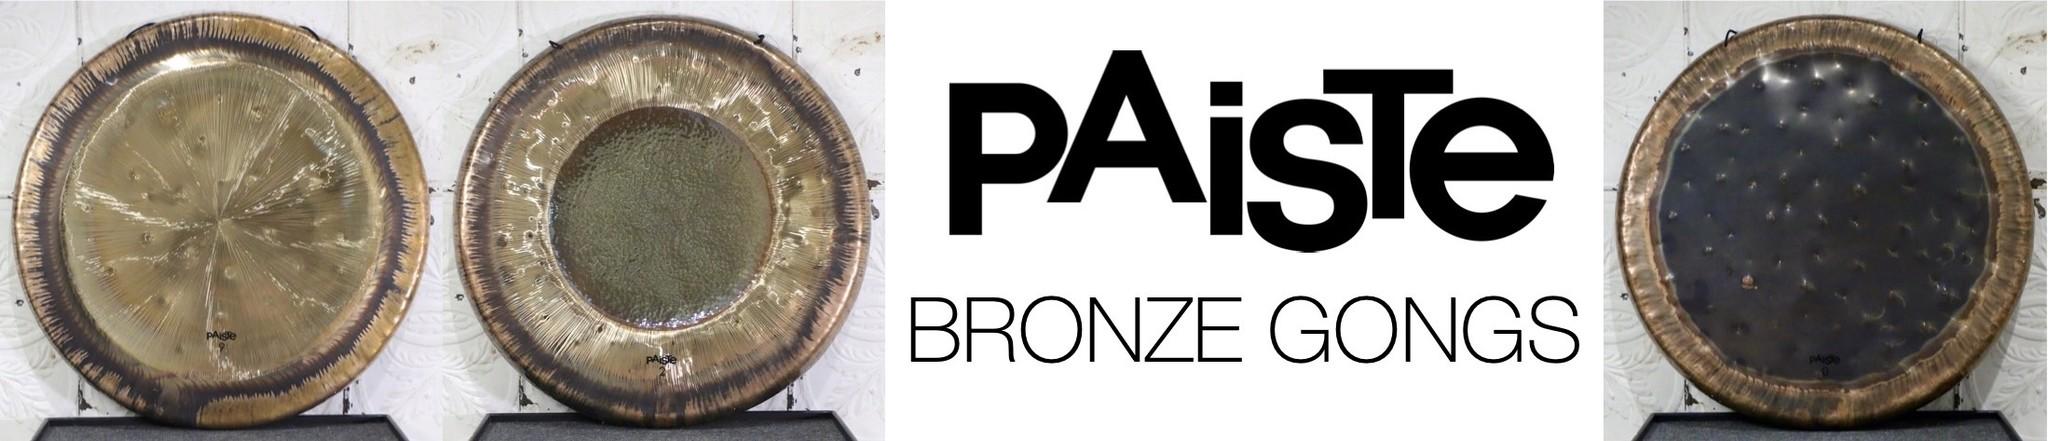 Paiste Bronze Gongs